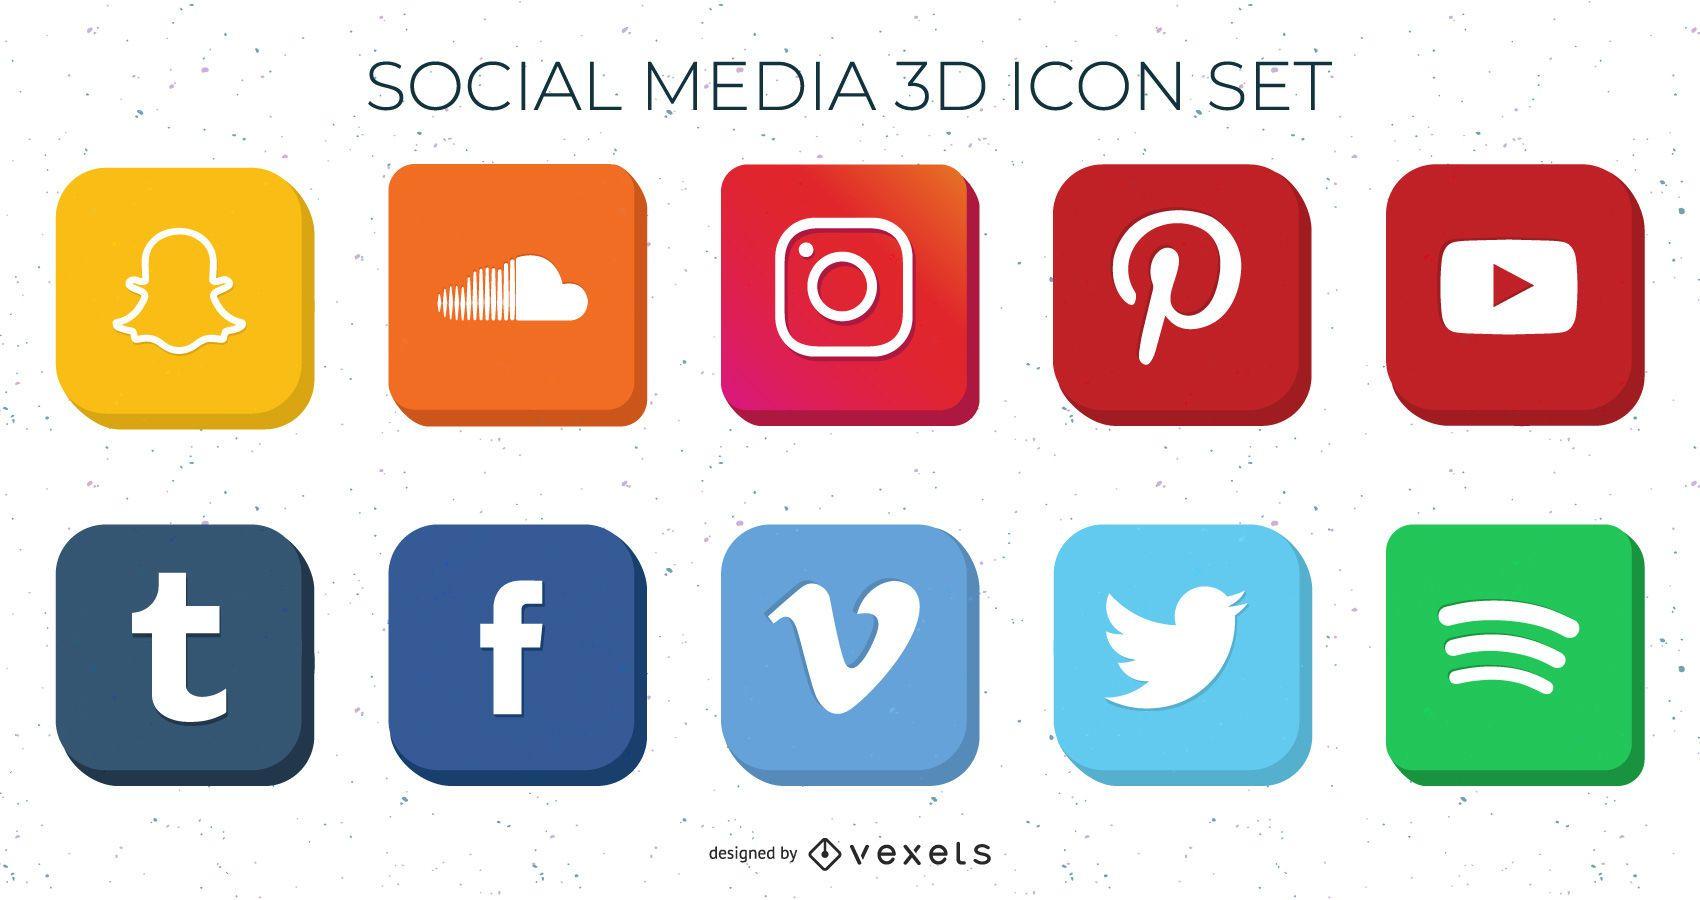 Pacote de ícones de mídia social 3D de alto nível